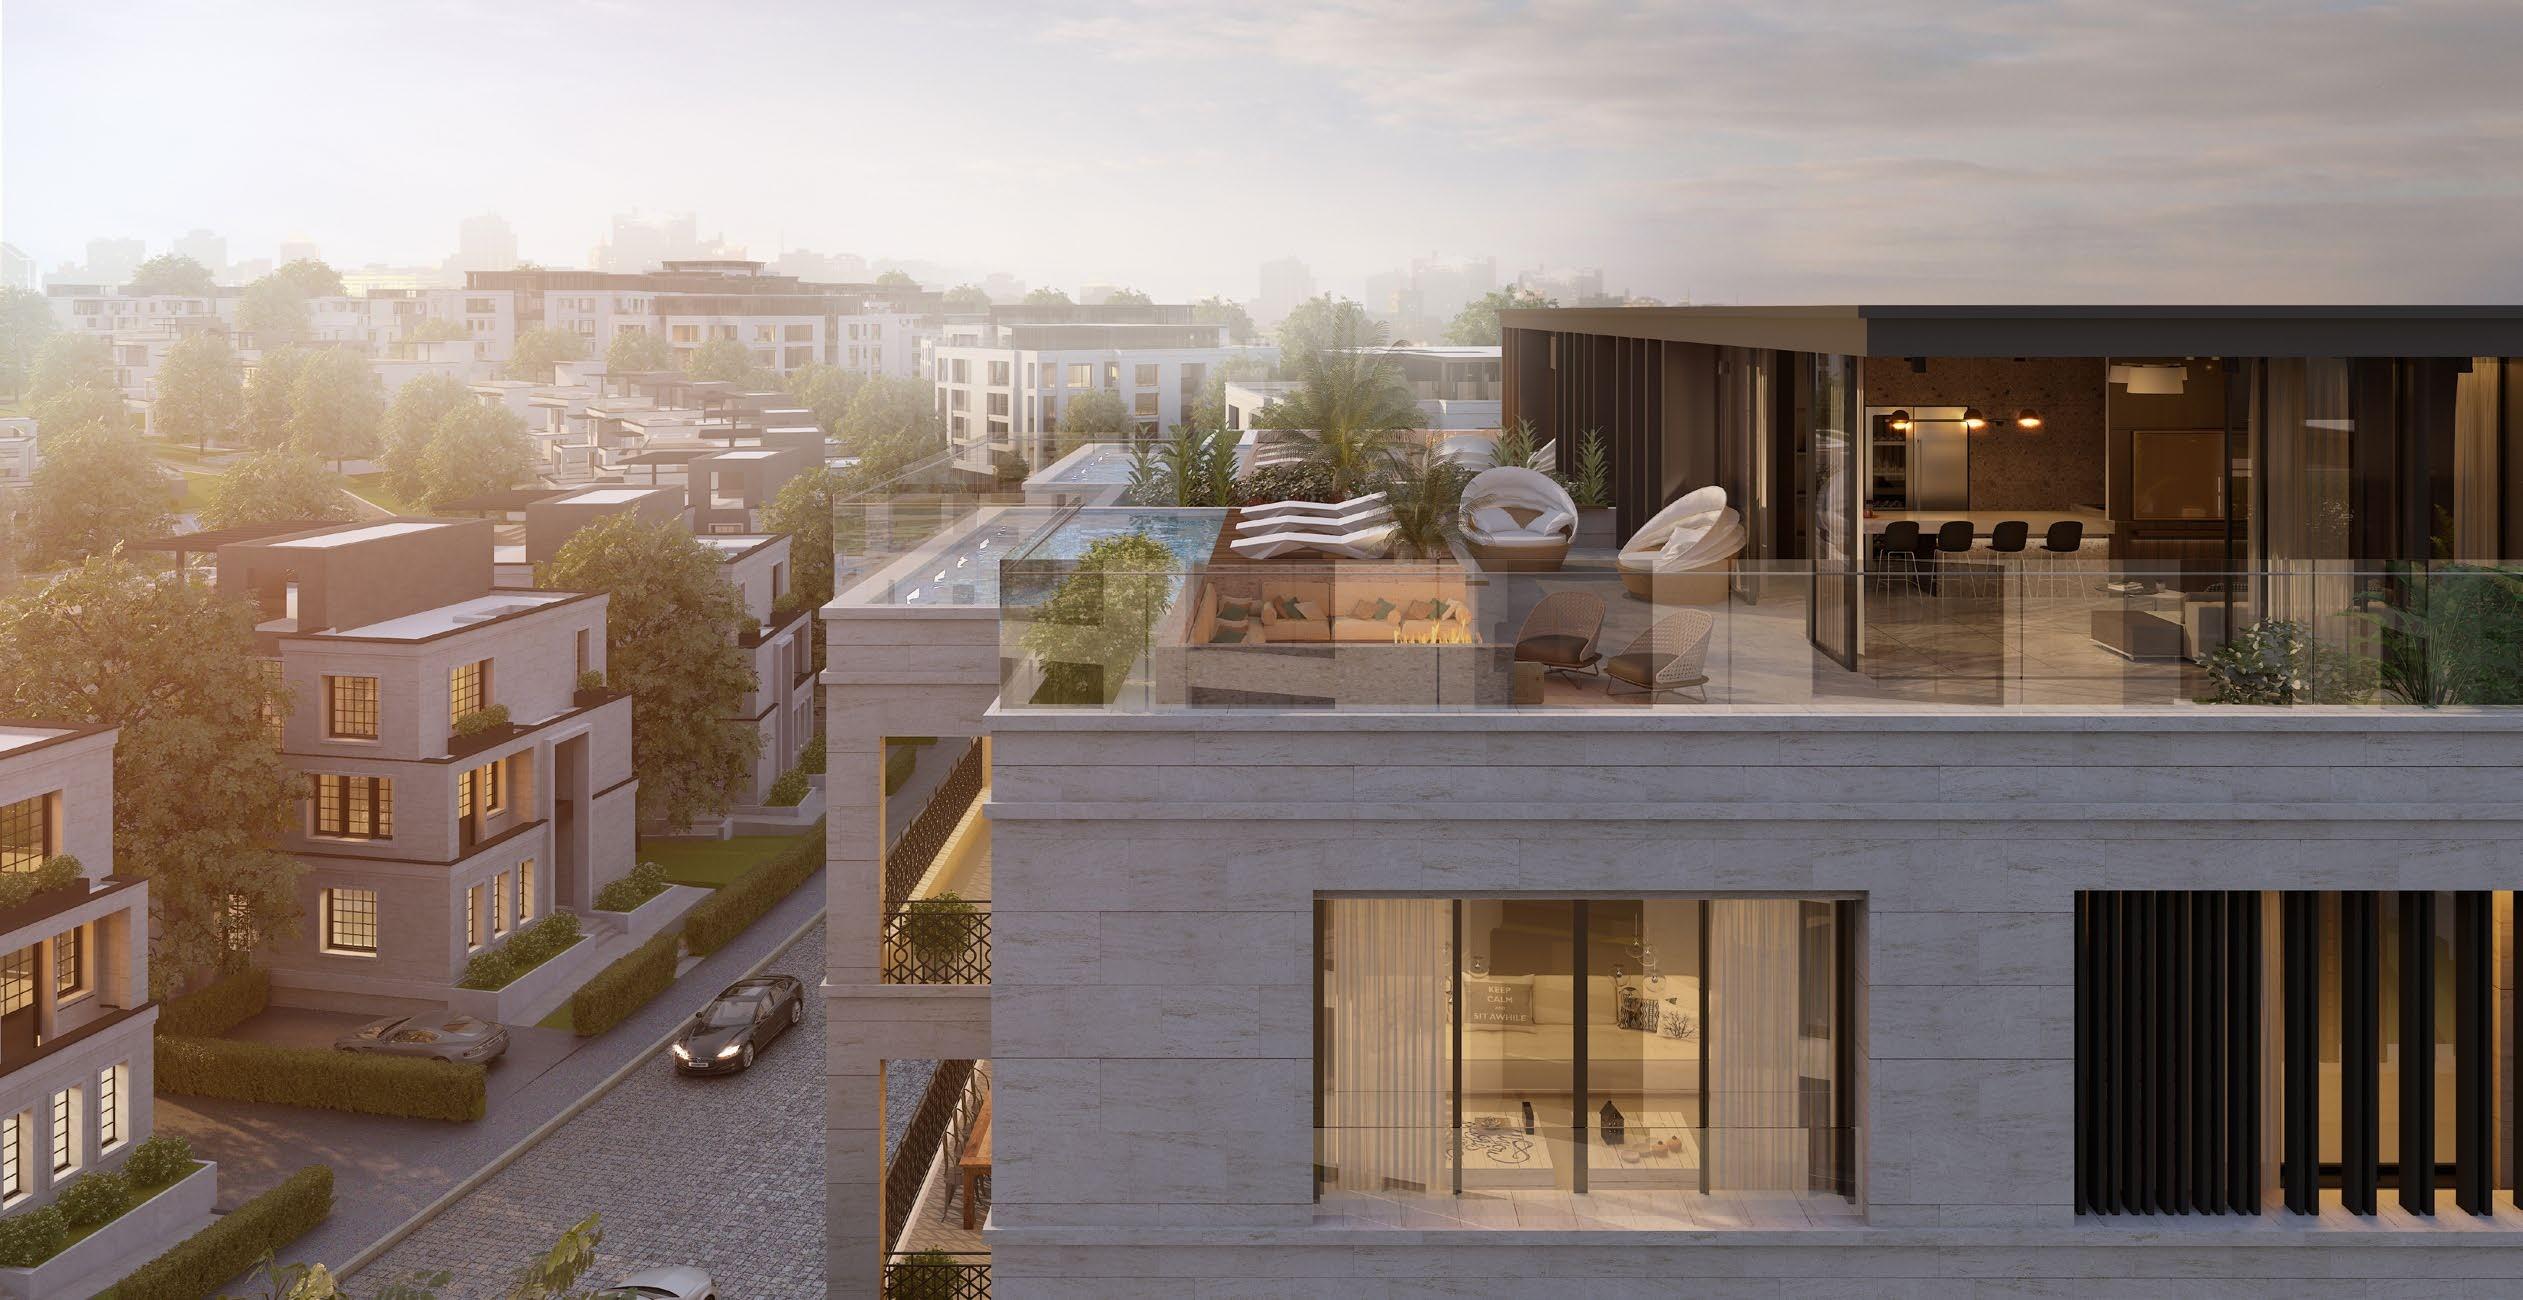 3 غرف نوم شقق للبيع في قطامية كريكس التجمع 255 متر